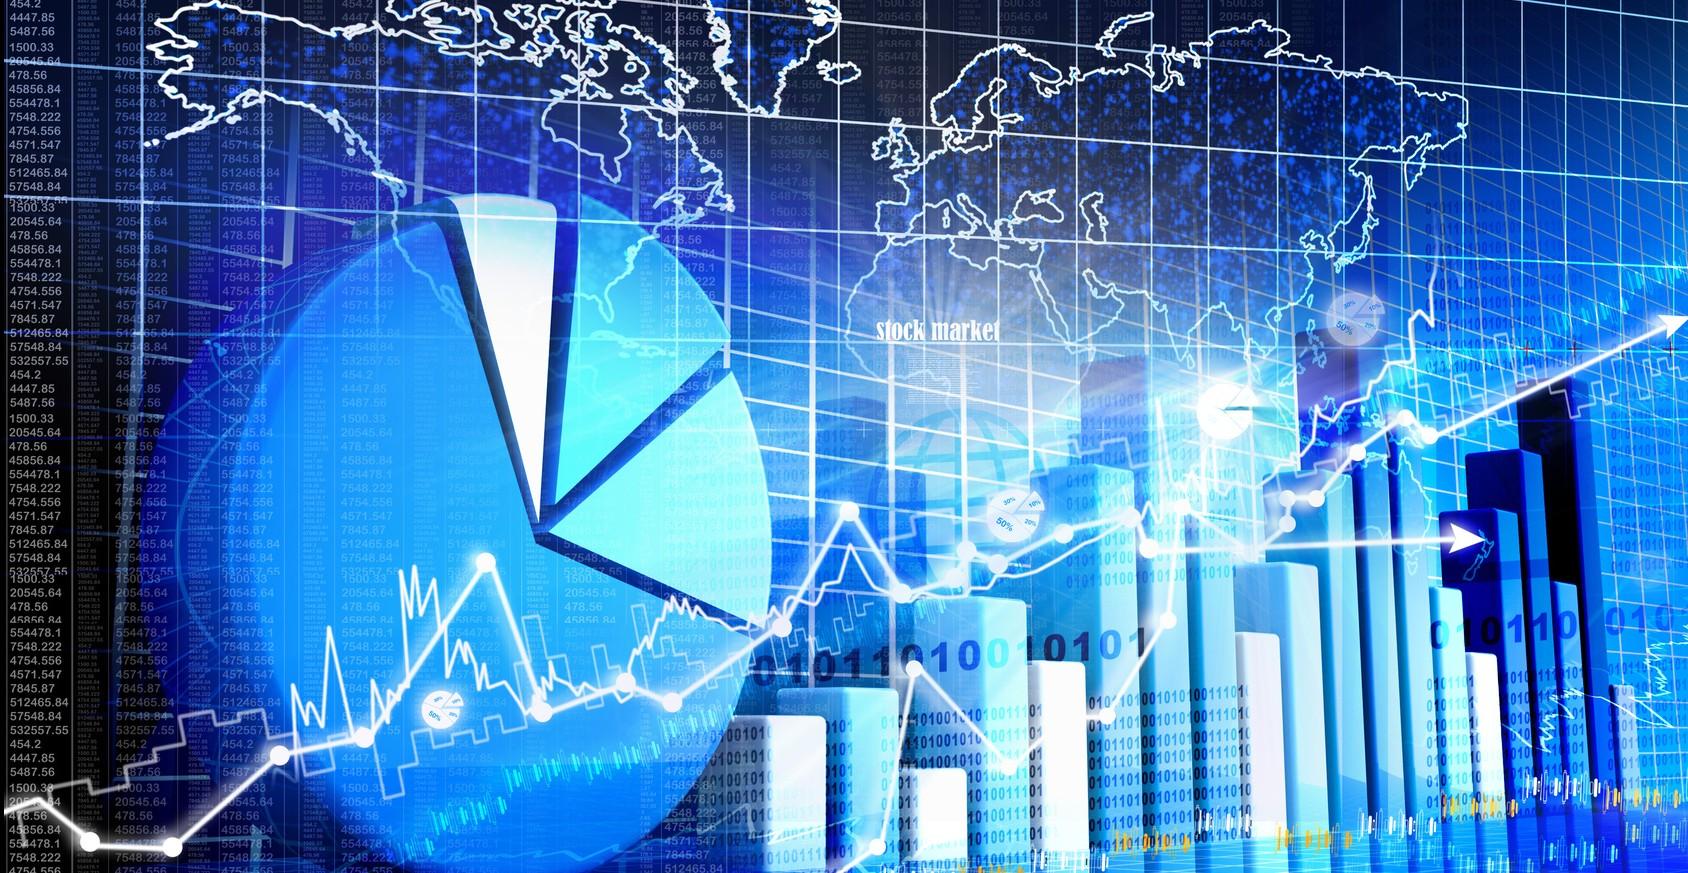 علاقة المحاسبة الإدارية بنظام محاسبة التكاليف - تابع المحاسبة على الأصول المتداولة